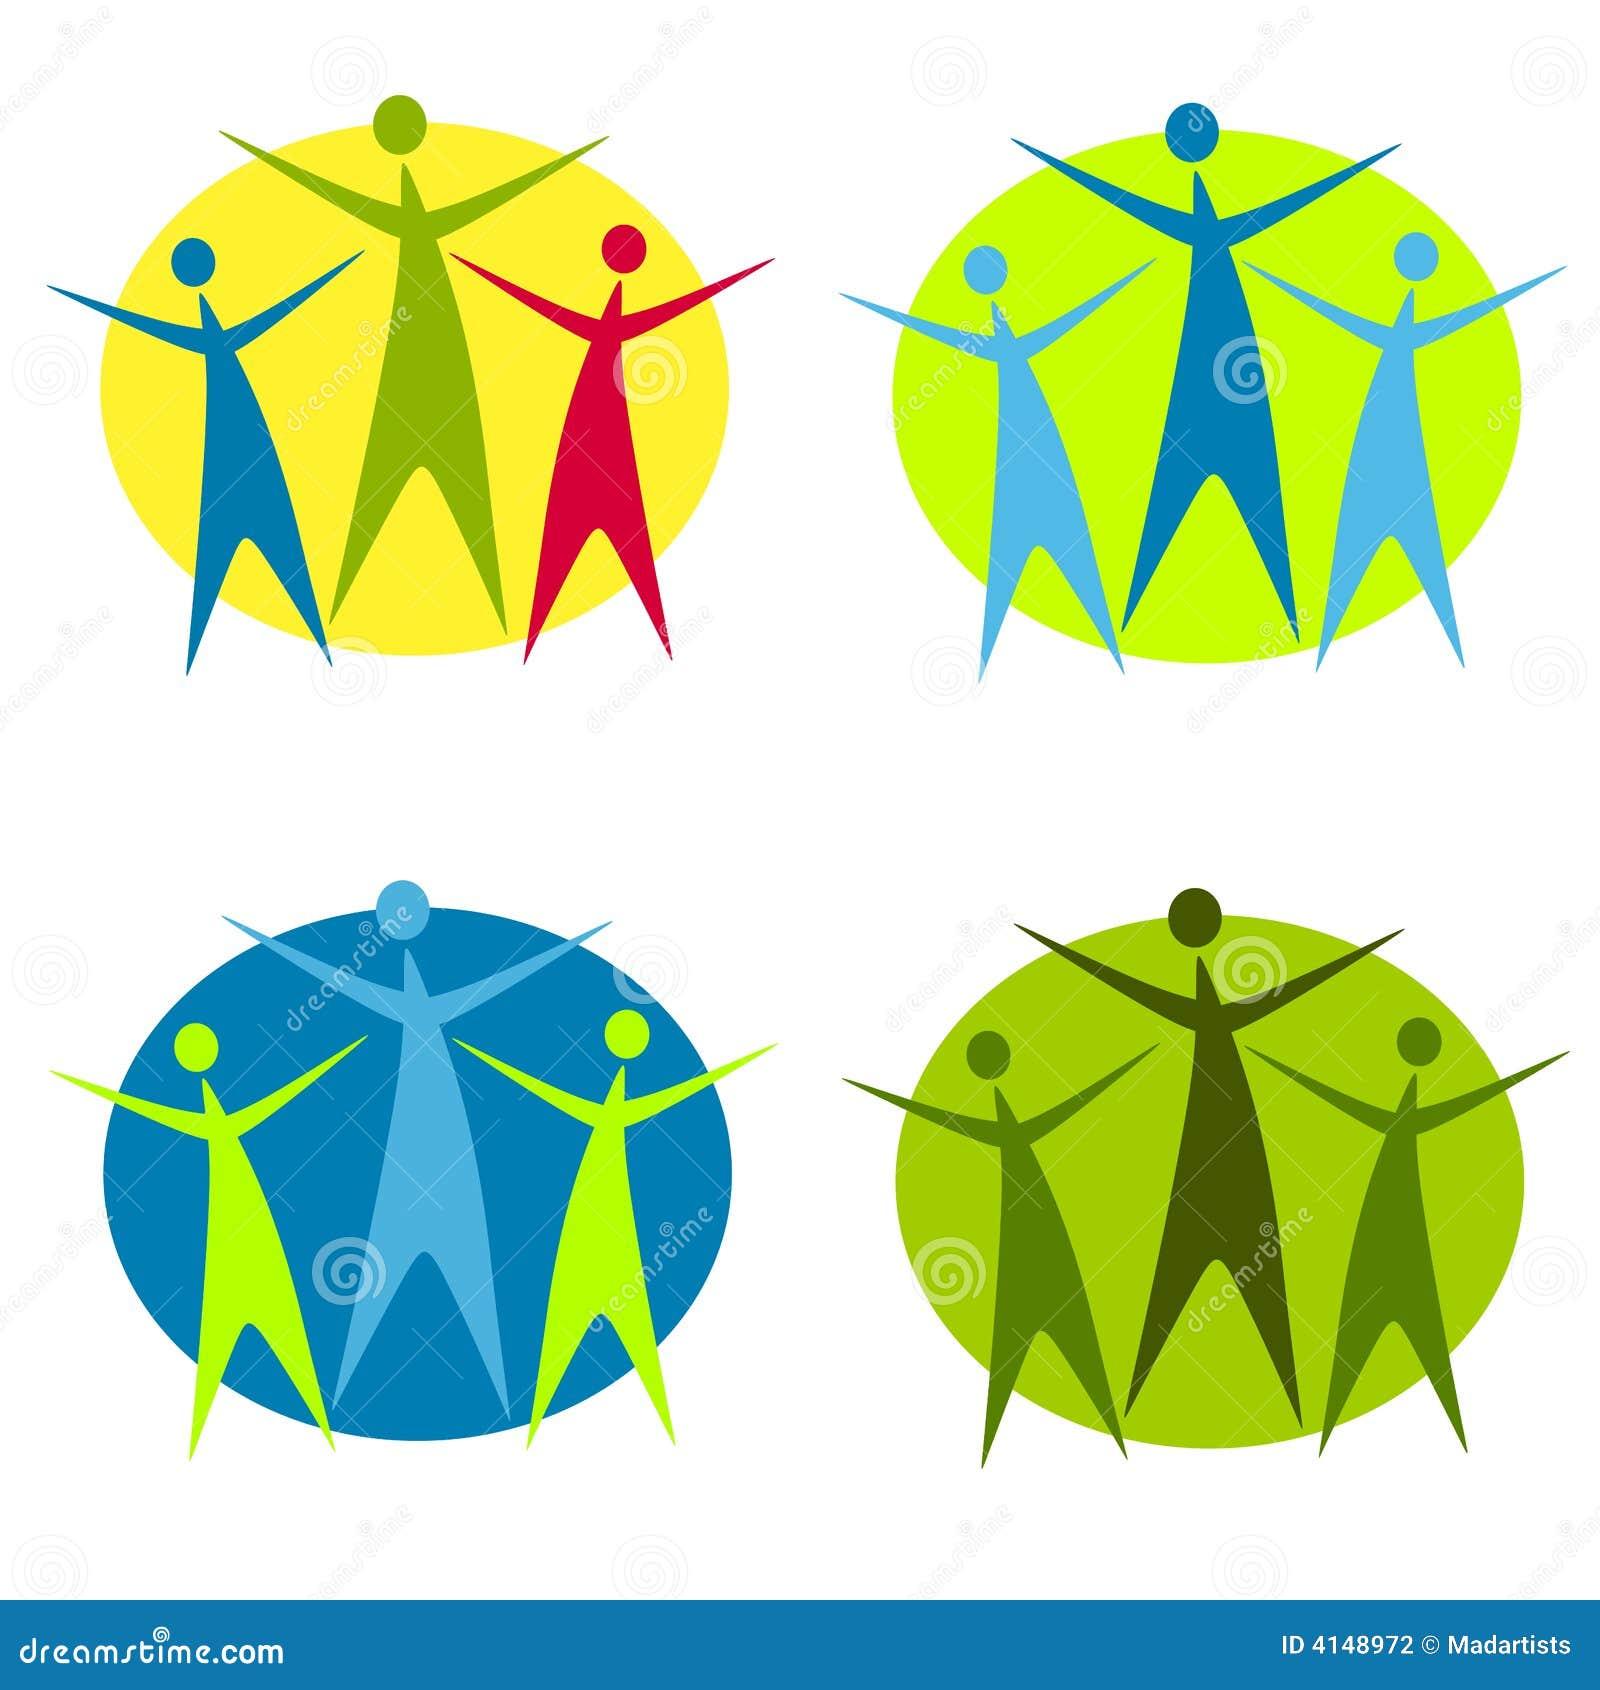 Abstract Human Figure Logos 2